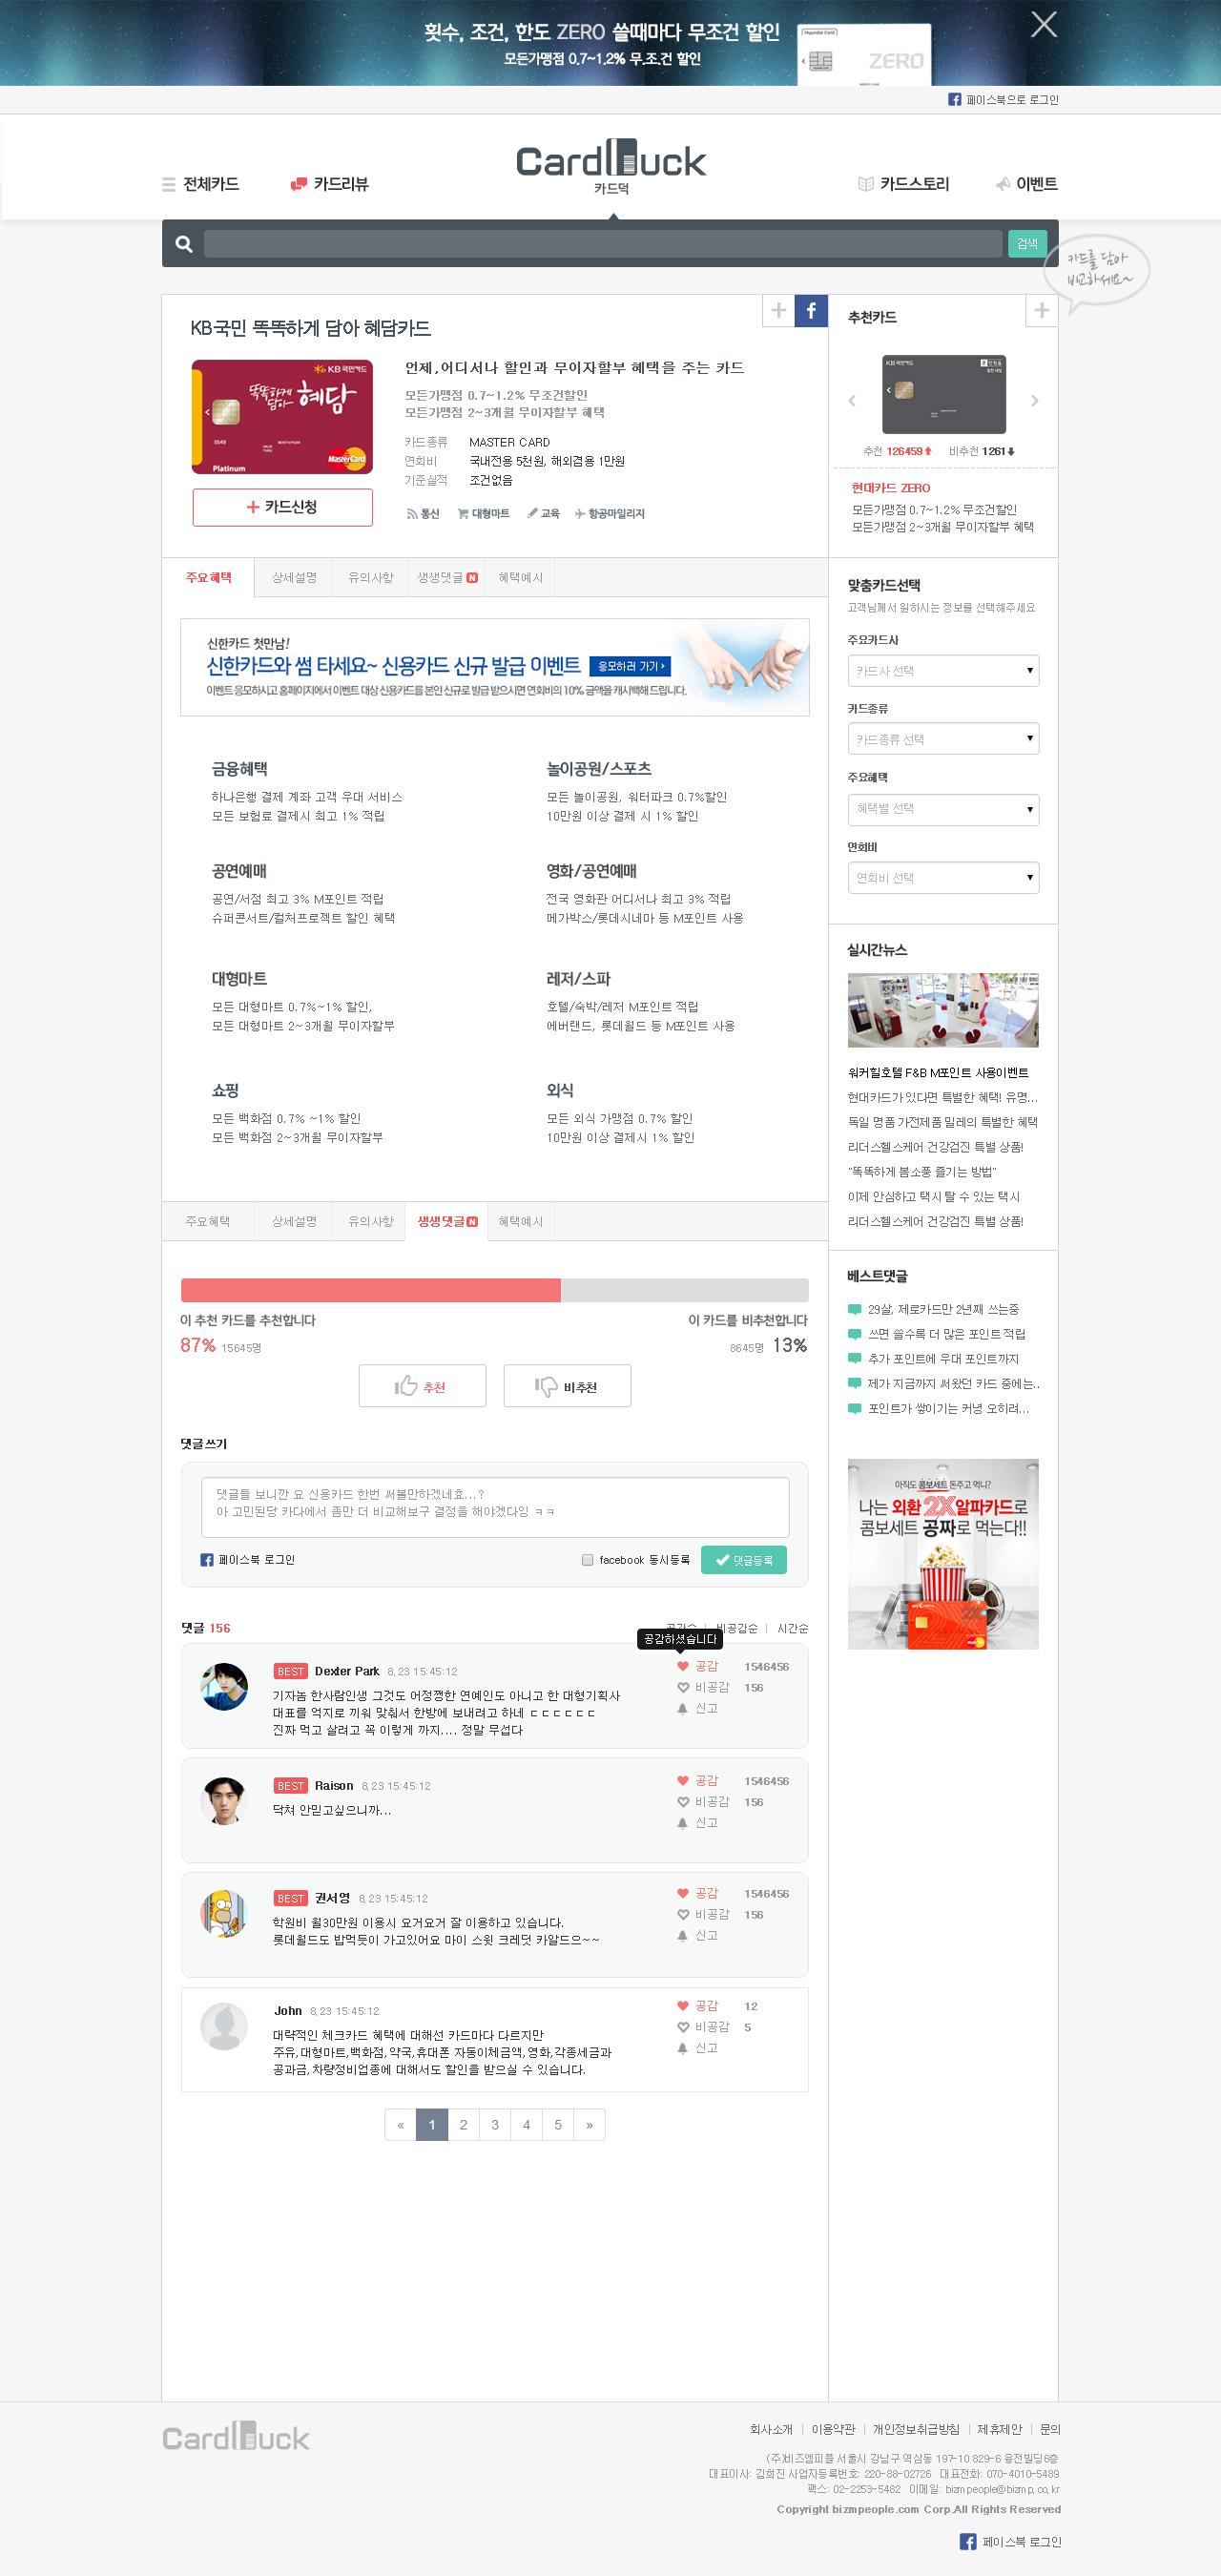 신용카드 비교 사이트